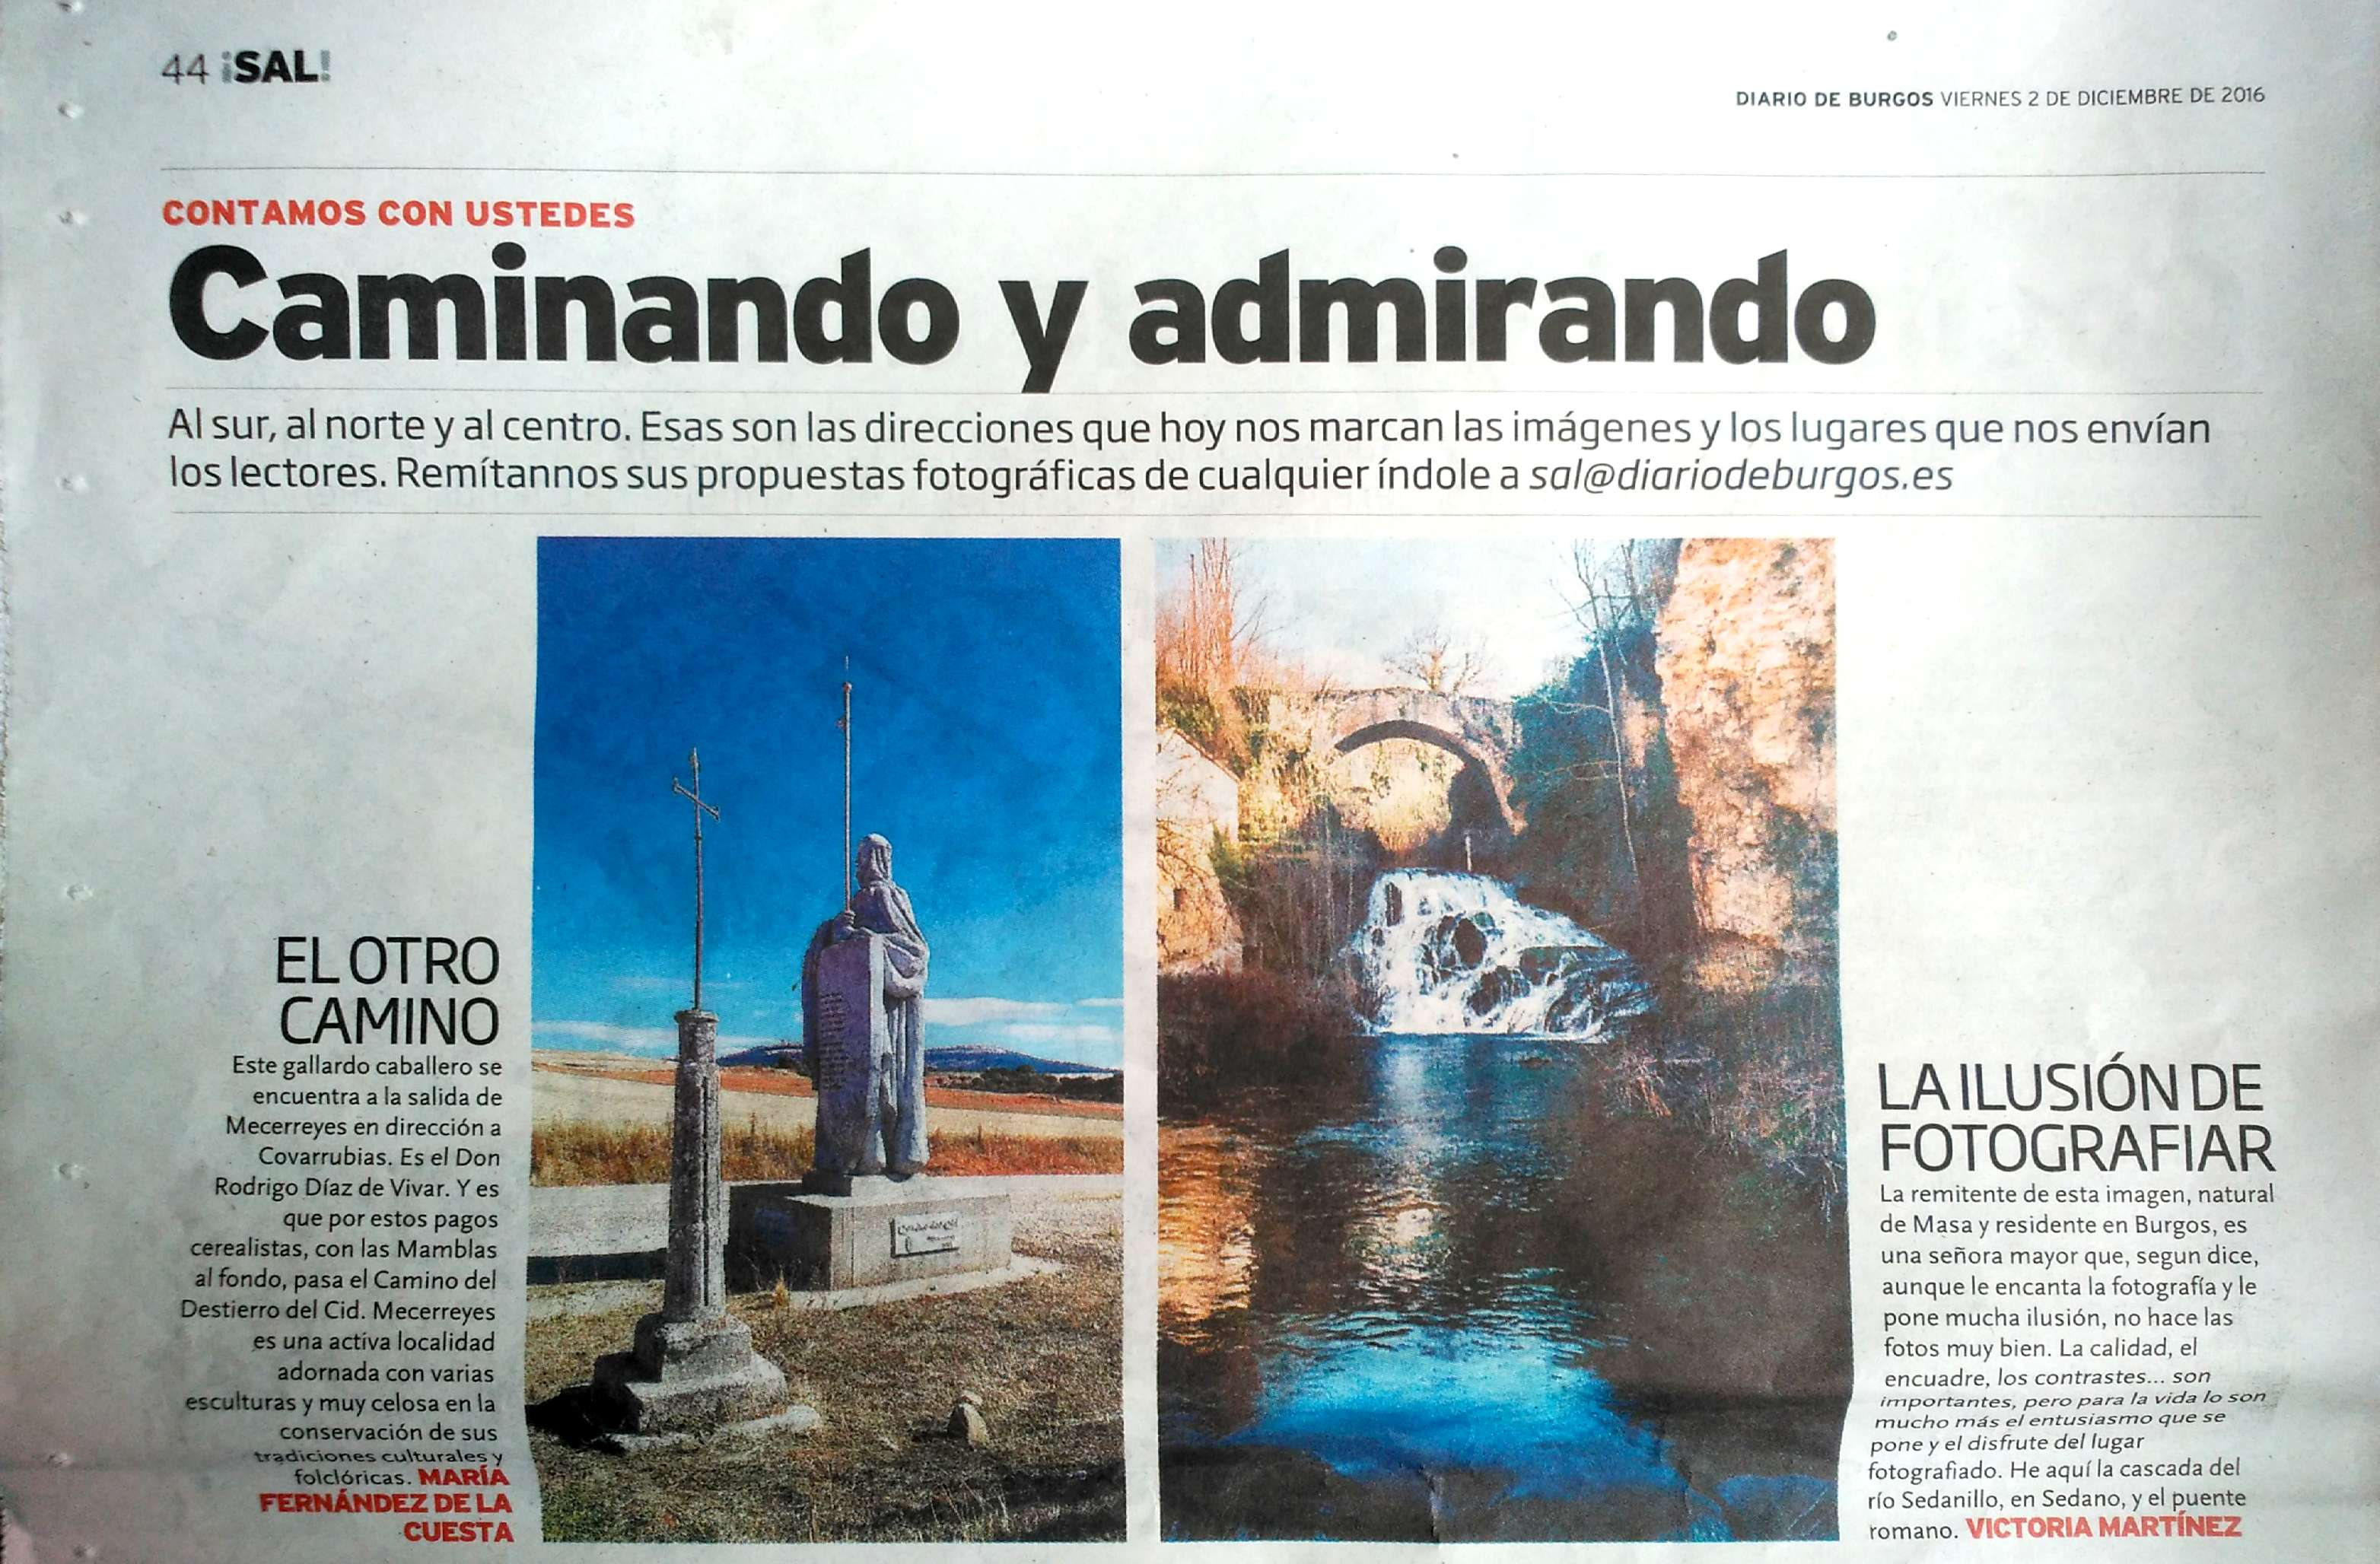 Diario de Burgos, 2-12-2016